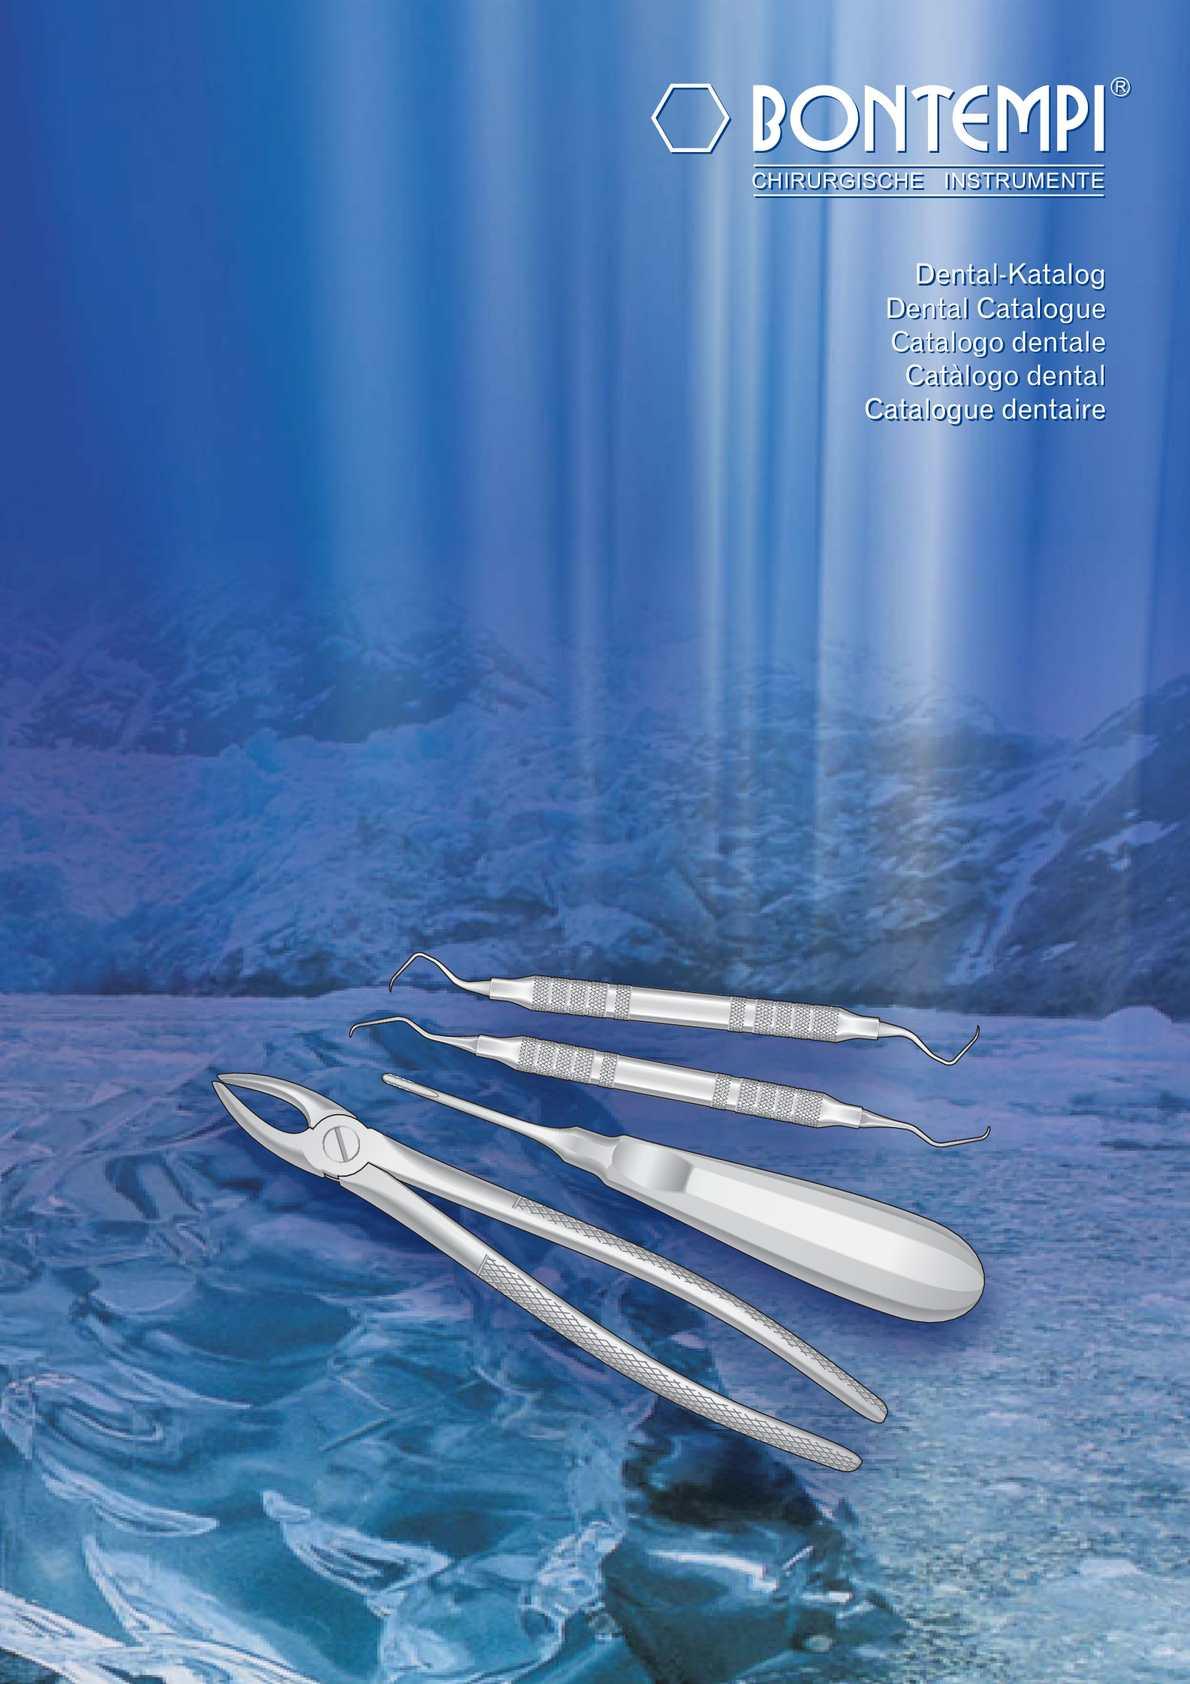 Calaméo - Dentale_Catalogo_Completo